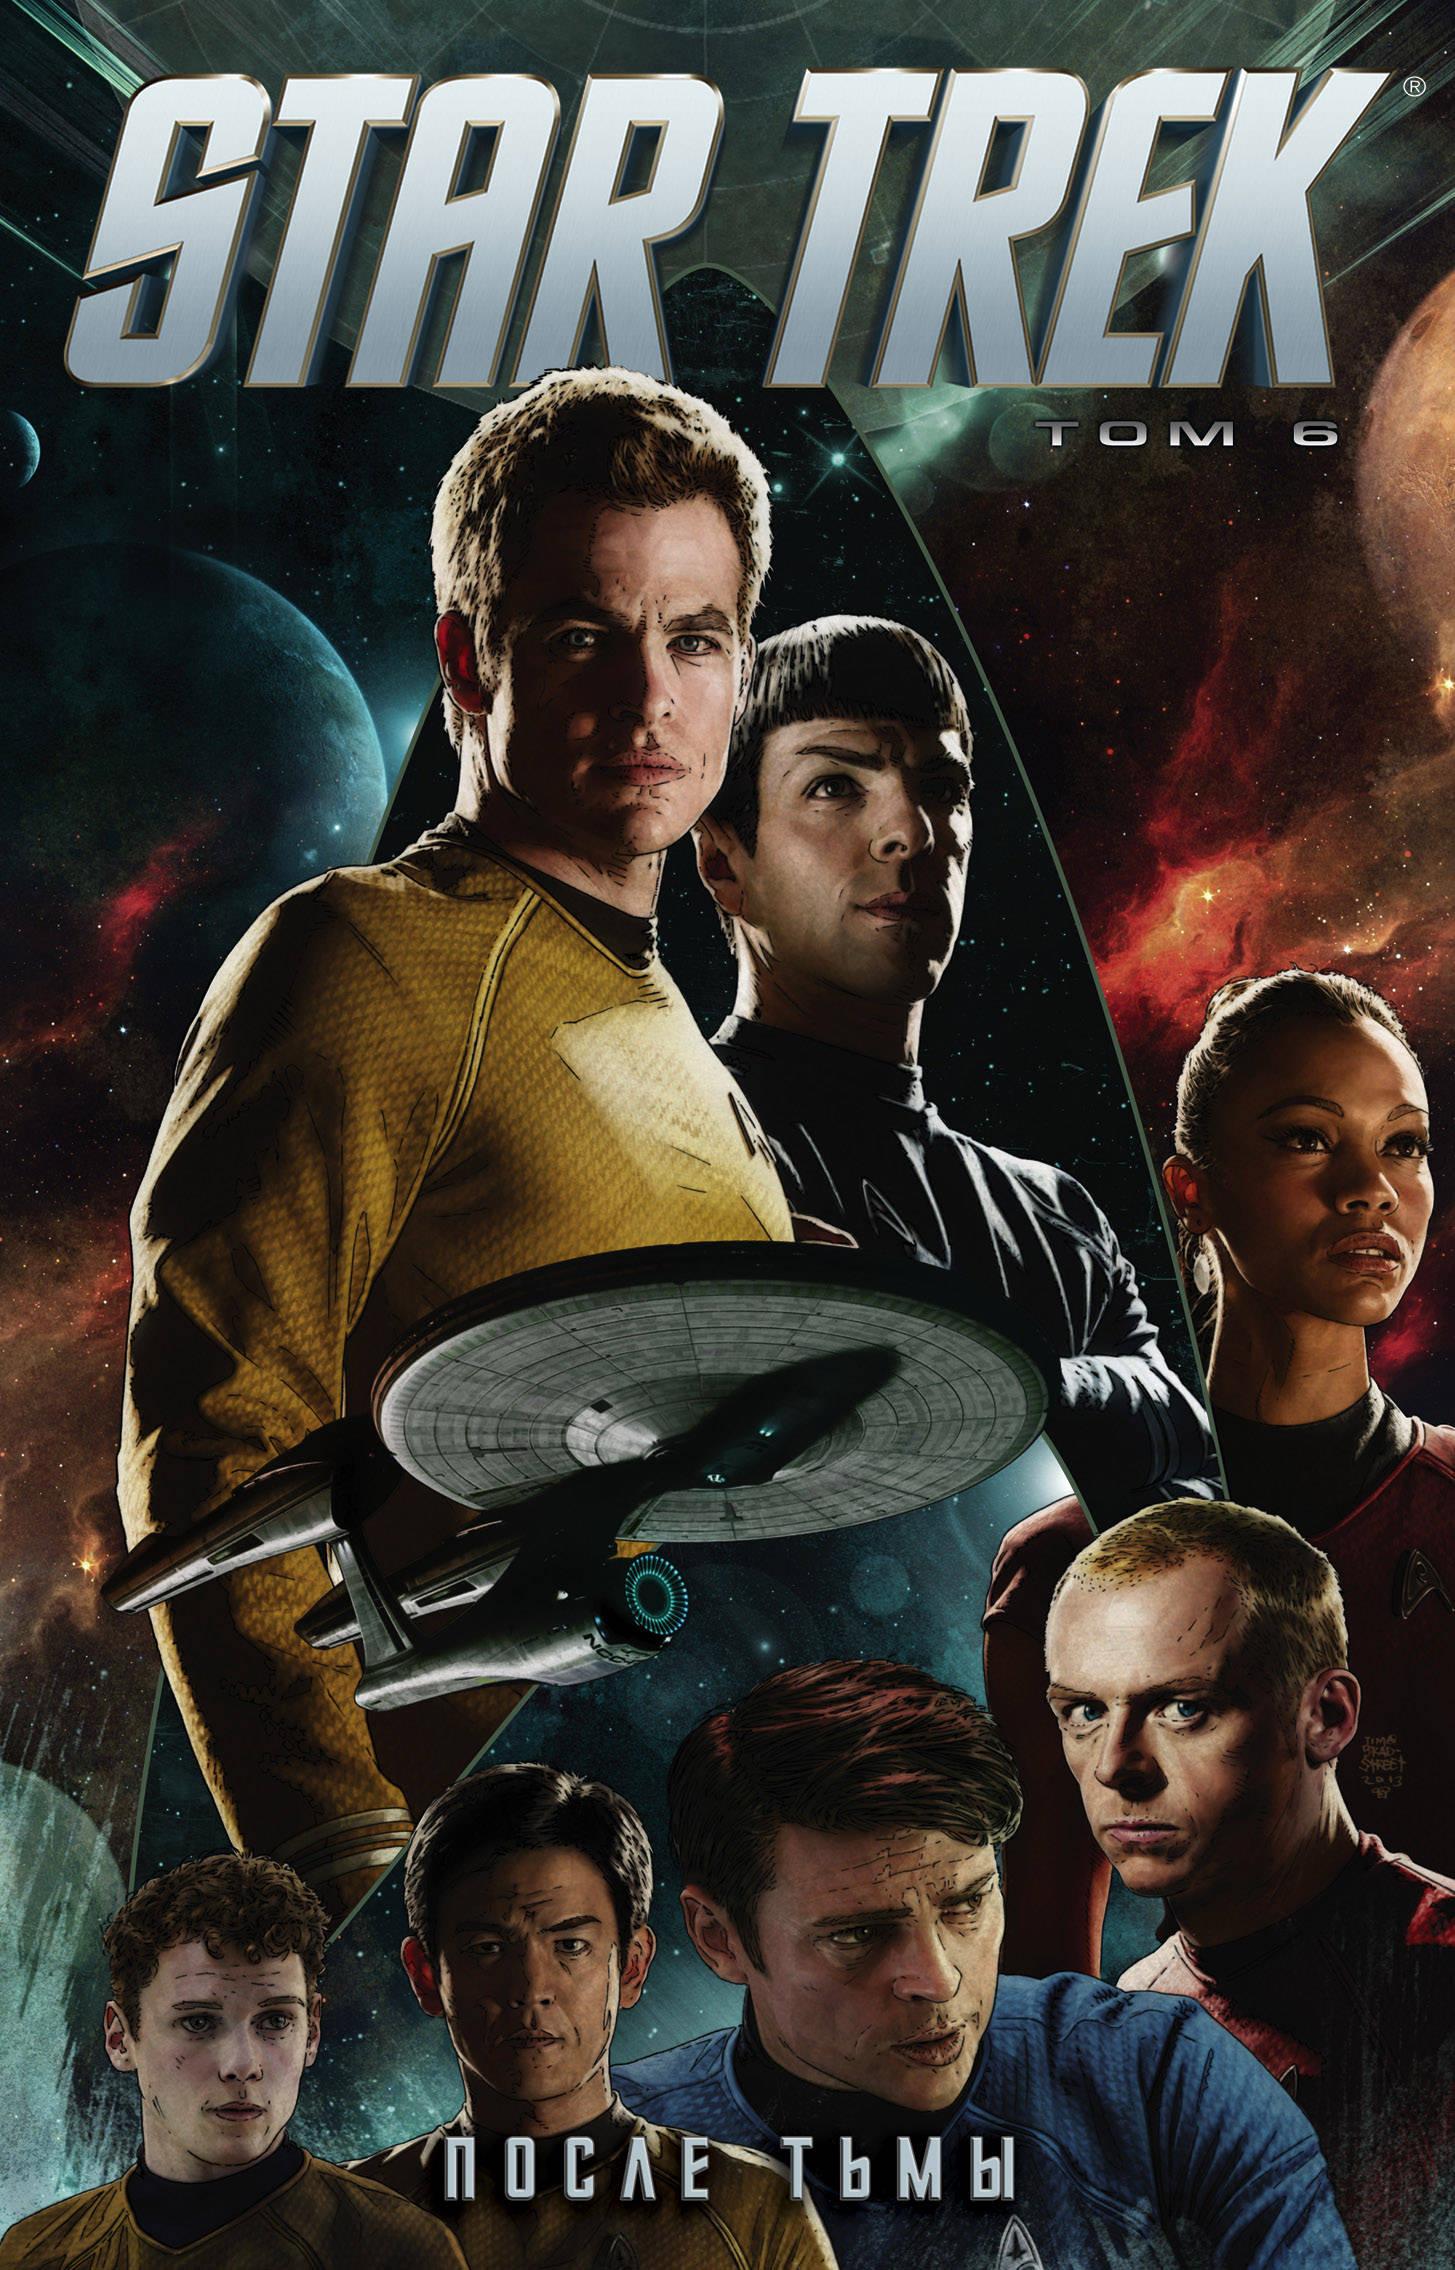 Джонсон Майк Star Trek. Том 6. После тьмы